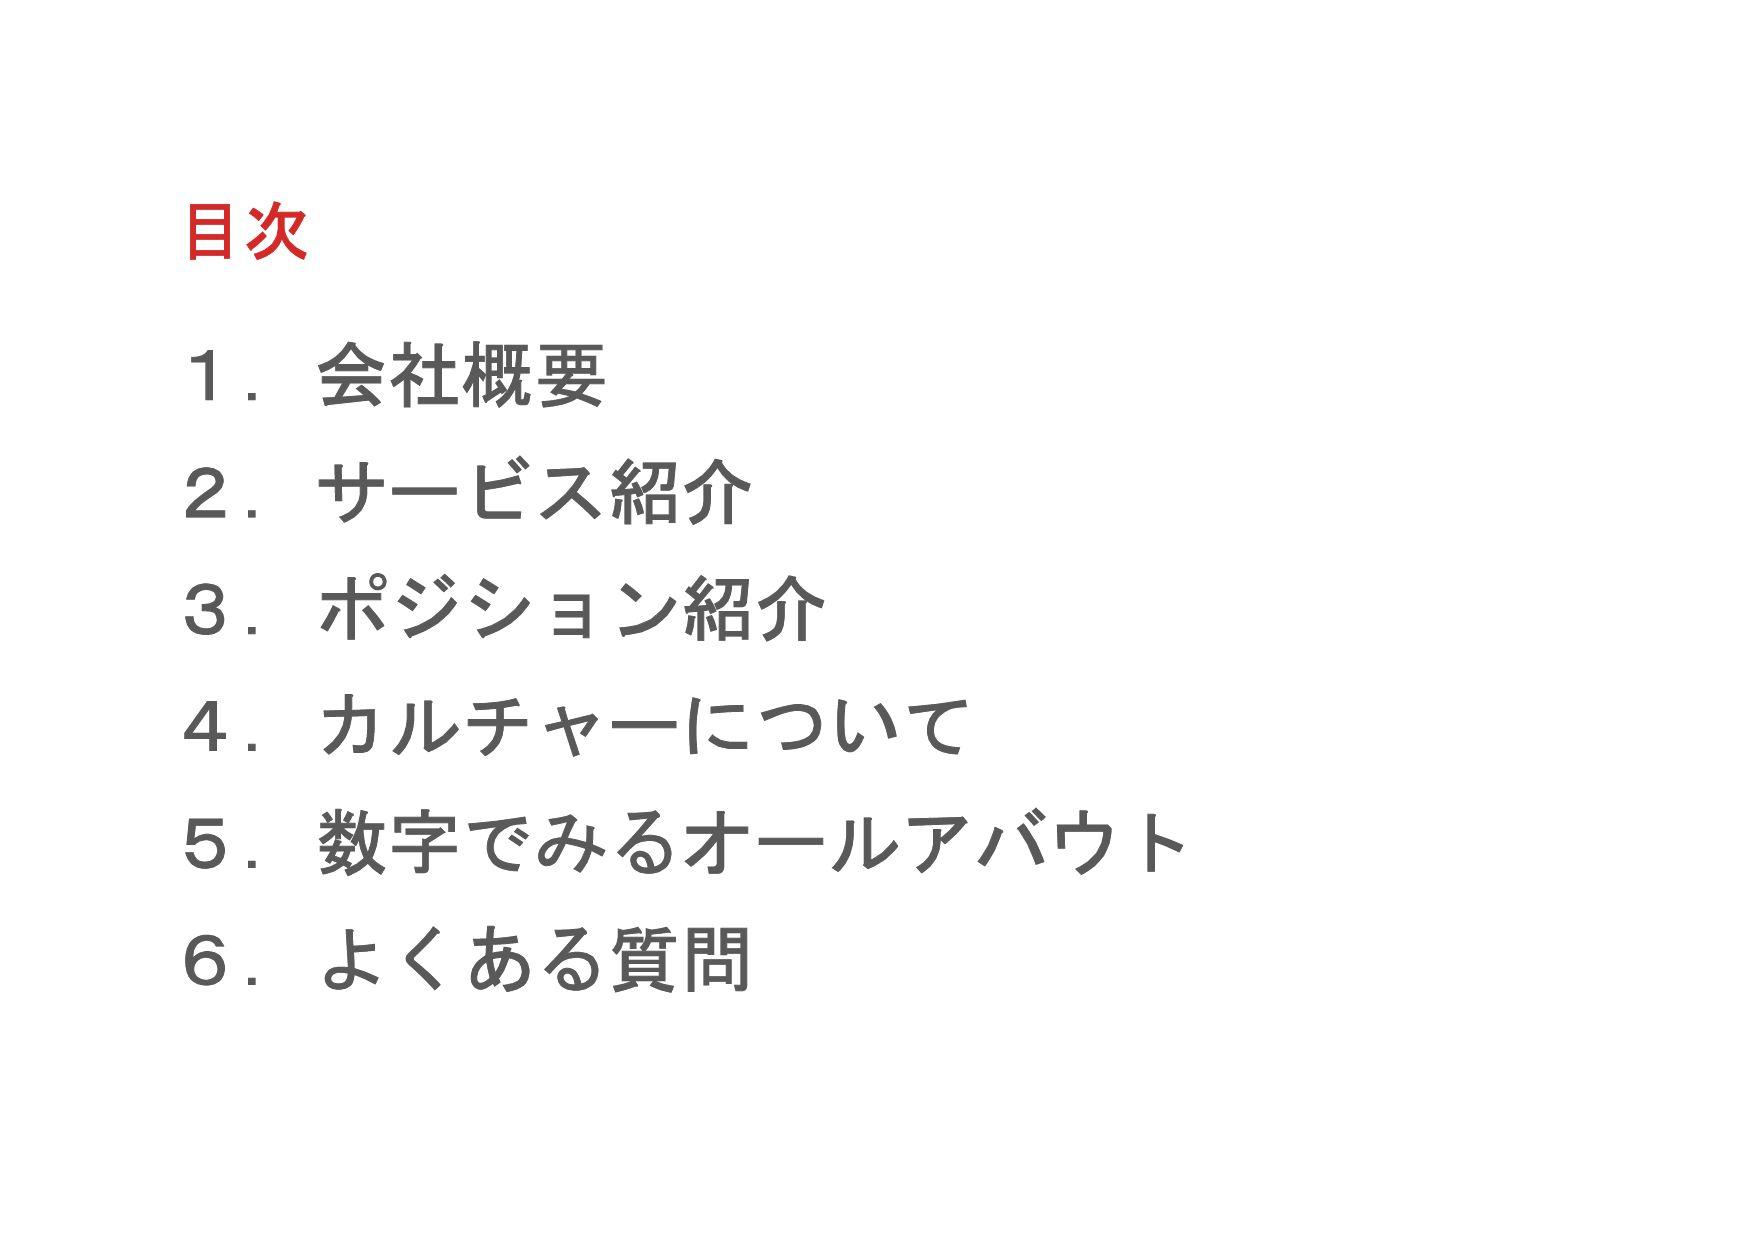 1.会社概要 2.サービス紹介 3.ポジション紹介 4.カルチャーについて 5.最後に 目次